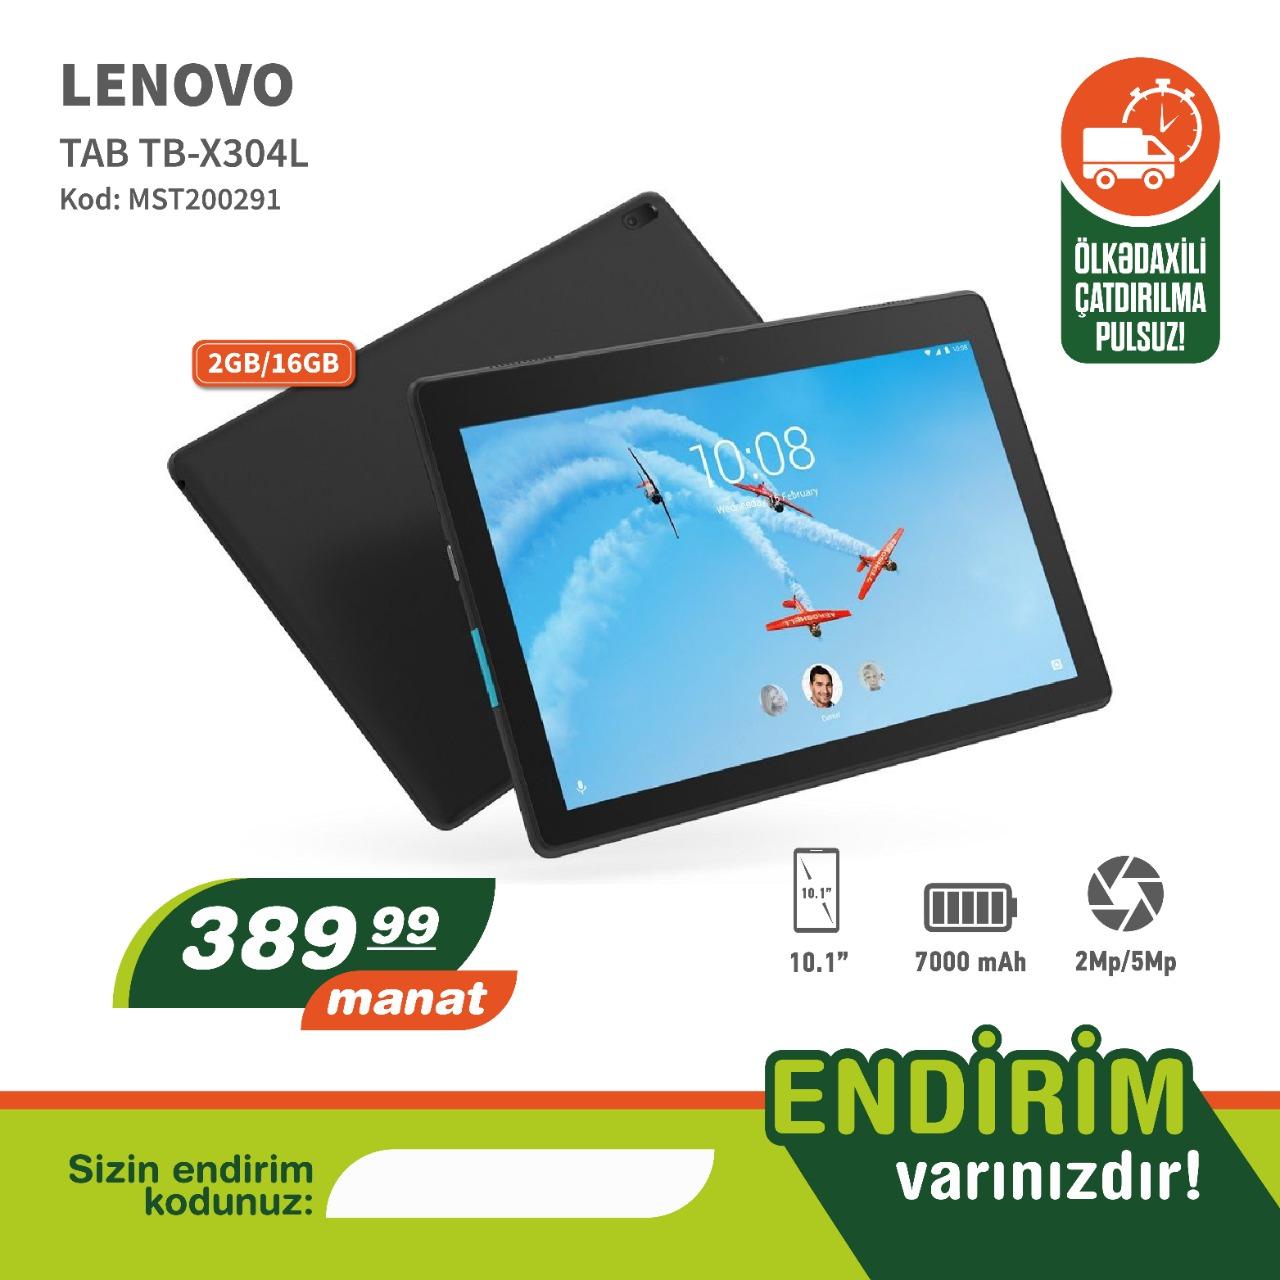 Tablet Lenovo (2/16 gb) ətraflı məlumat üçün Whatsapdan